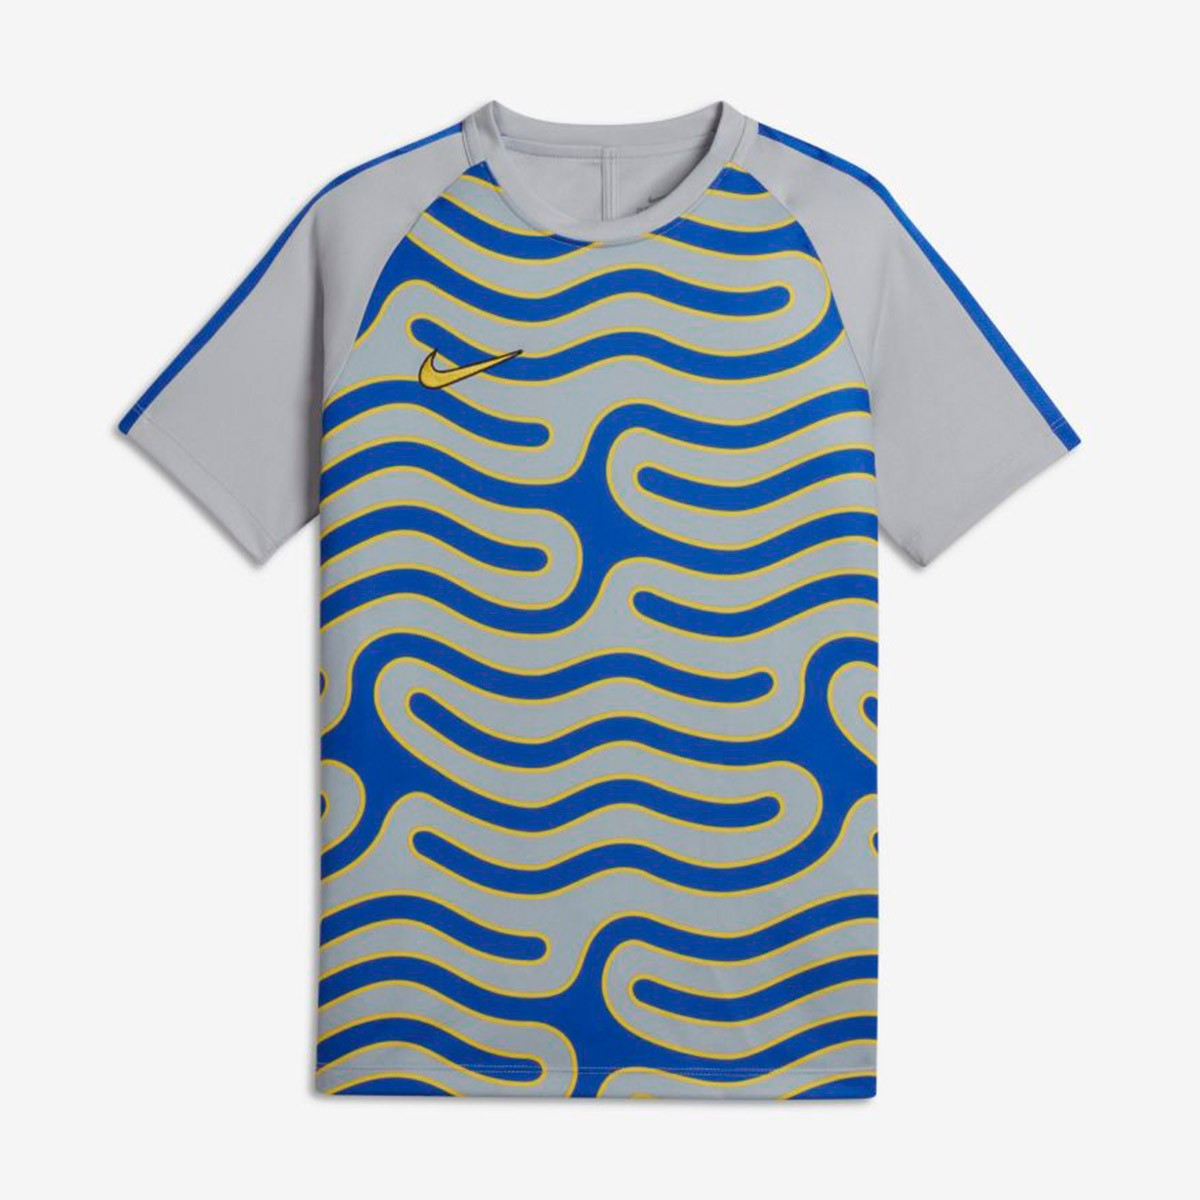 cce6122b5d Camiseta Nike Dry Academy TopSS GX2 Niño Wolf grey-Hiper royal-Vivid sulfur  - Soloporteros es ahora Fútbol Emotion